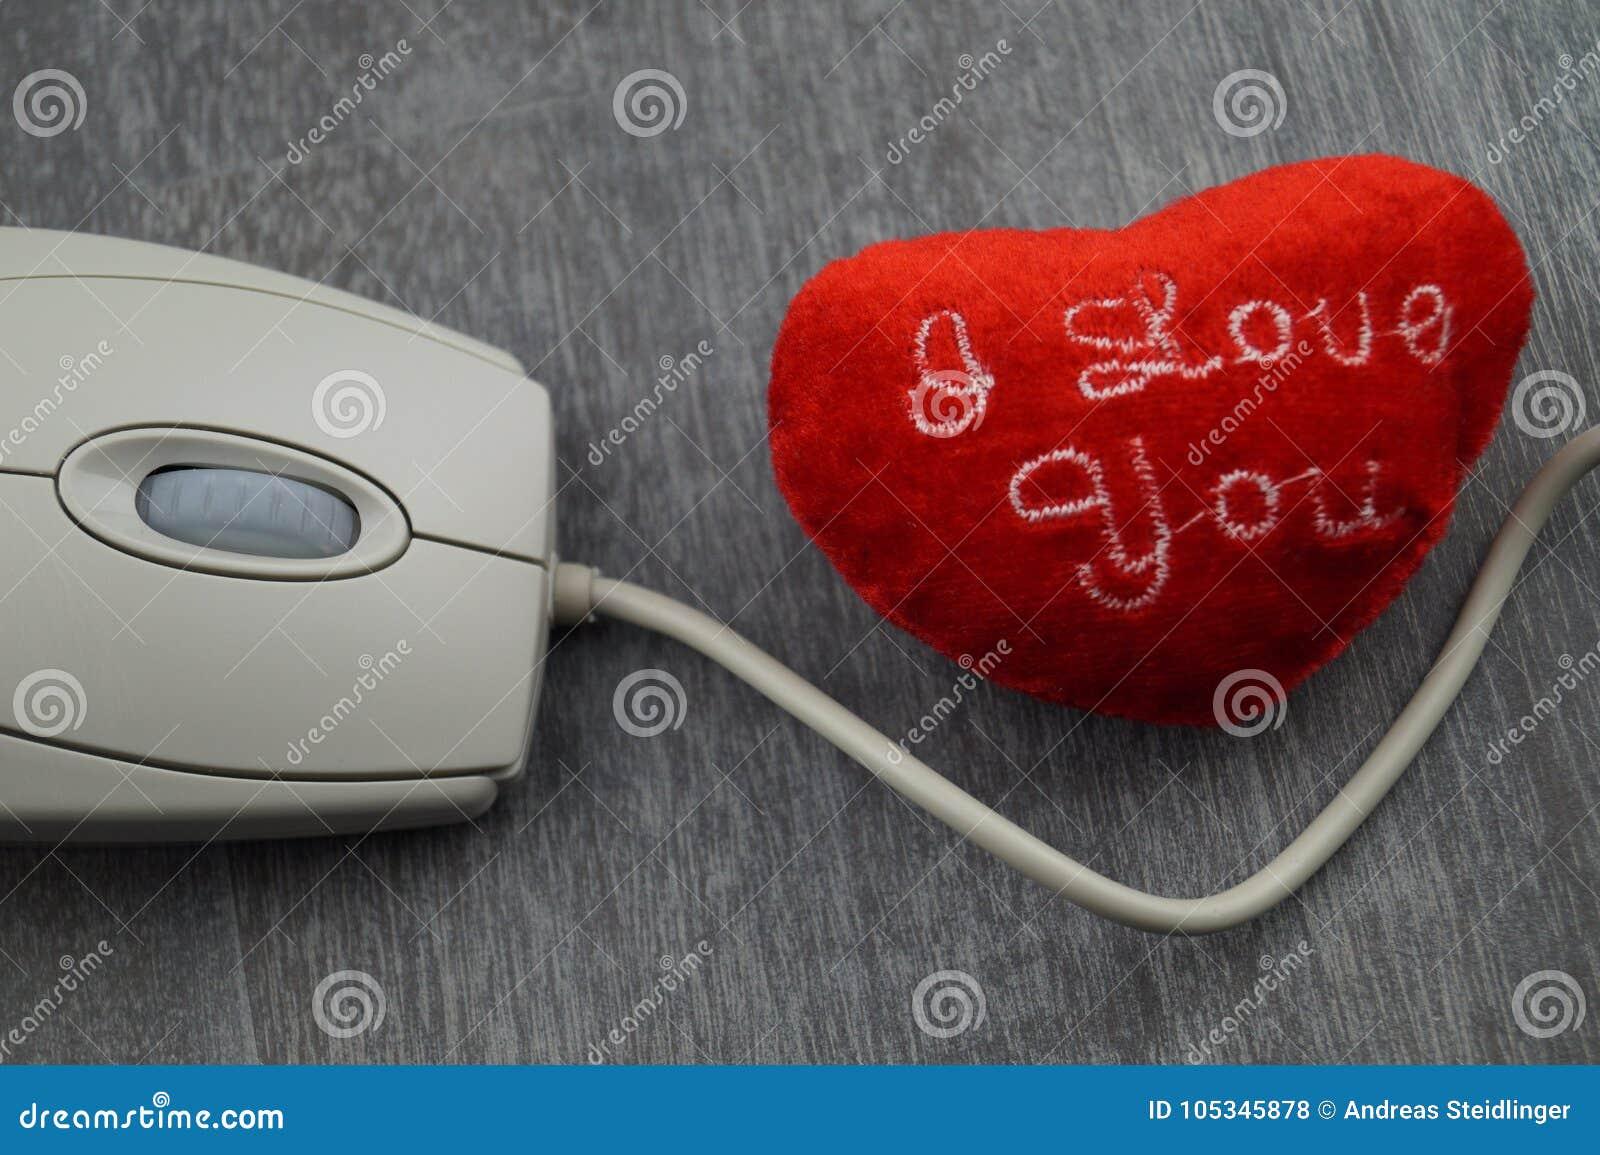 Liebe durch cklick - on-line-Datierung